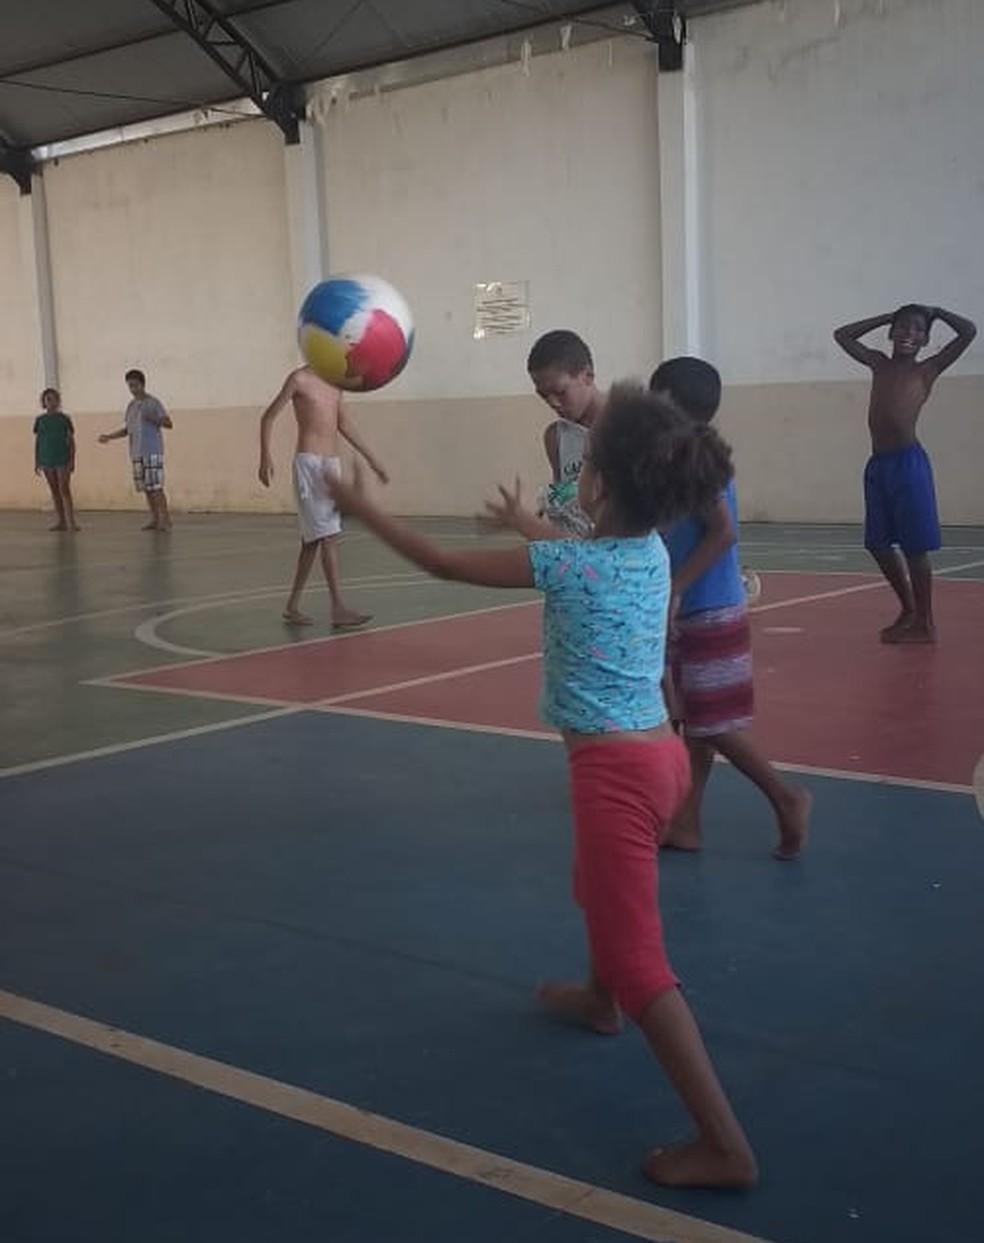 Crianças do abrigo Lar de São José brincando — Foto: Arquivo Pessoal